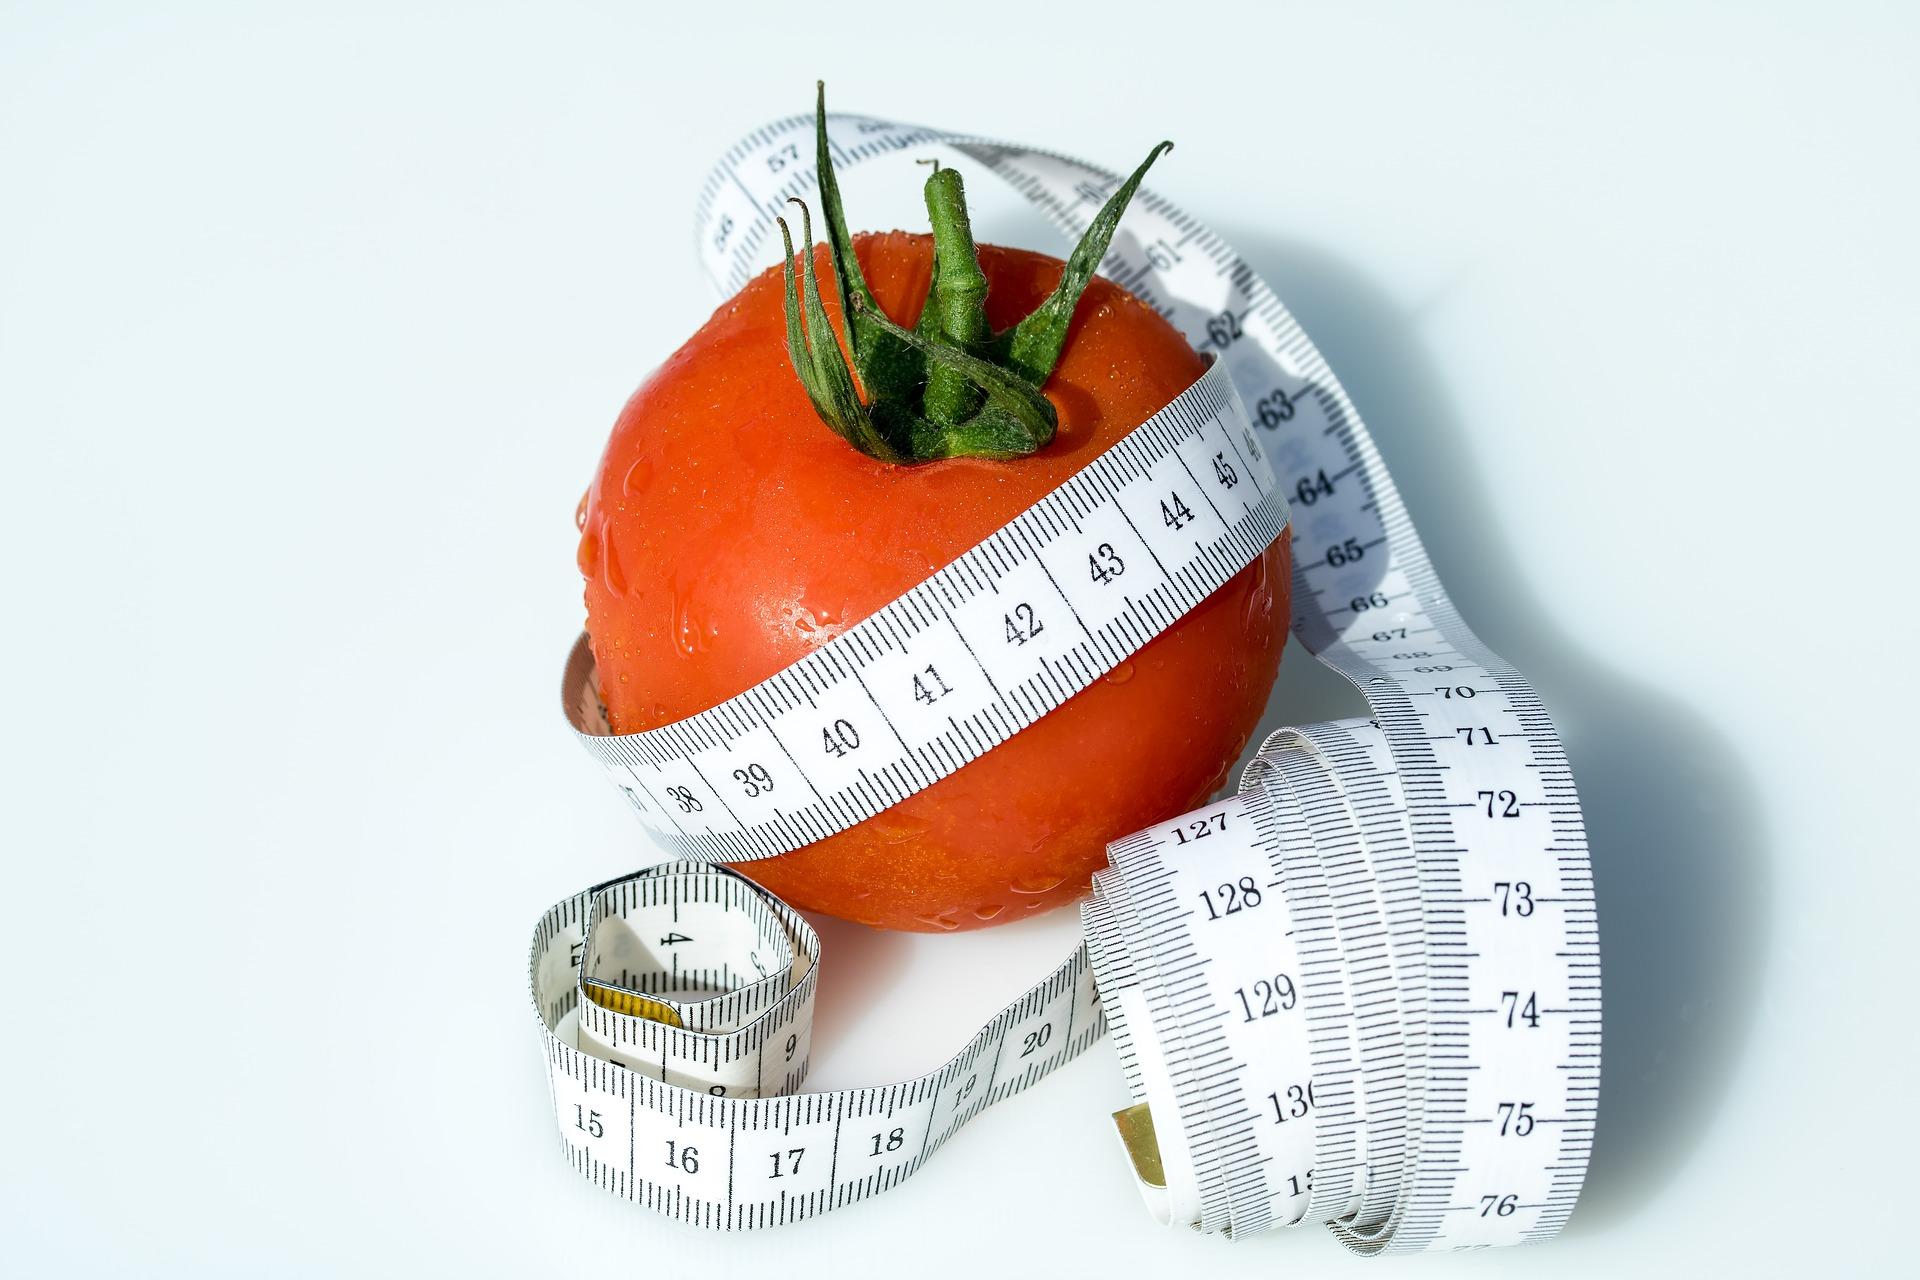 Les comportements alimentaires problématiques et le diabète de type 1